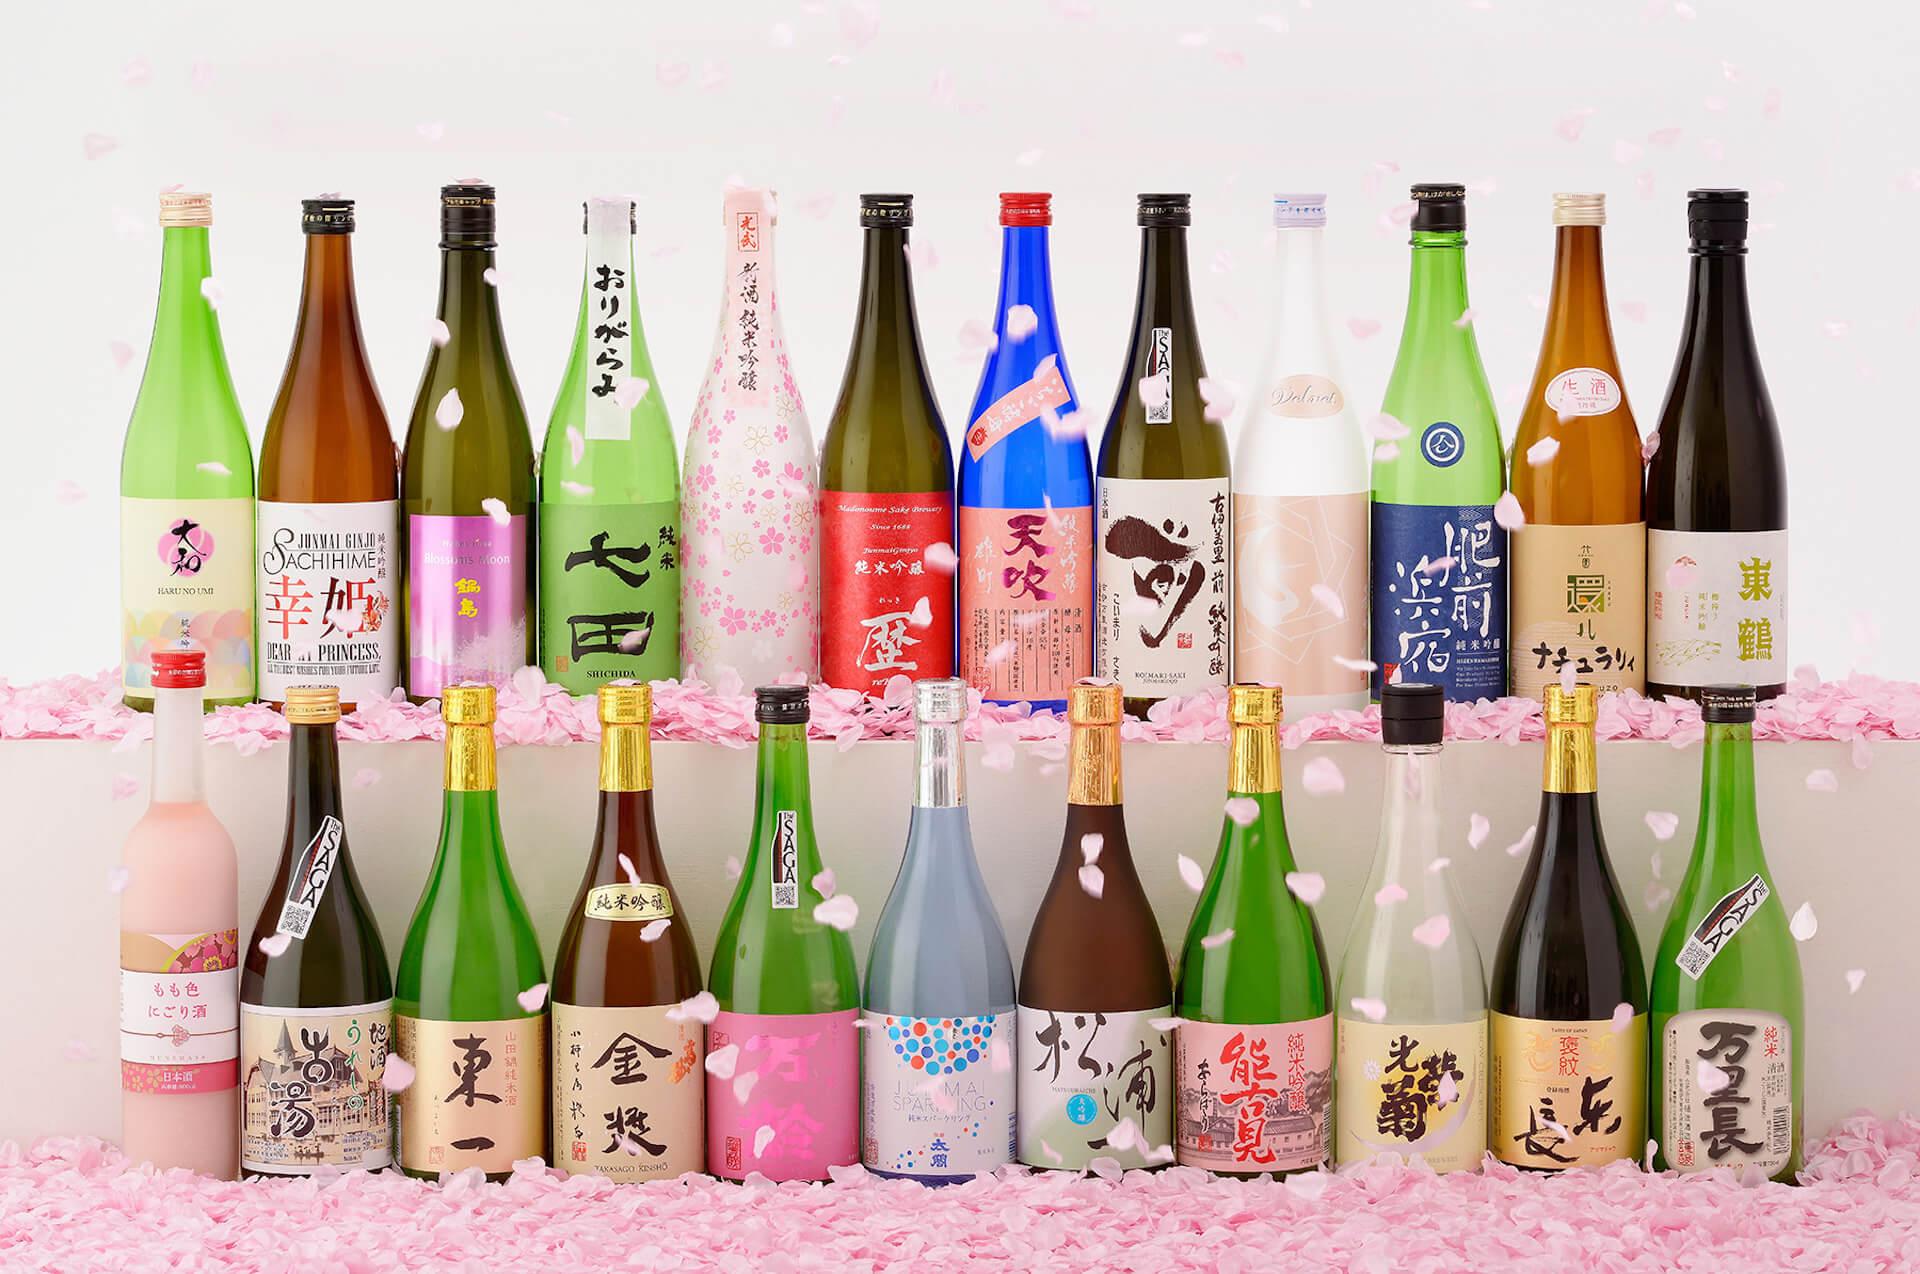 桜風呂や食べられる桜など限定メニューも!インドア花見「SAKURA CHILL BAR」が渋谷で期間限定開催決定 gourmet200218_sakurachill_05